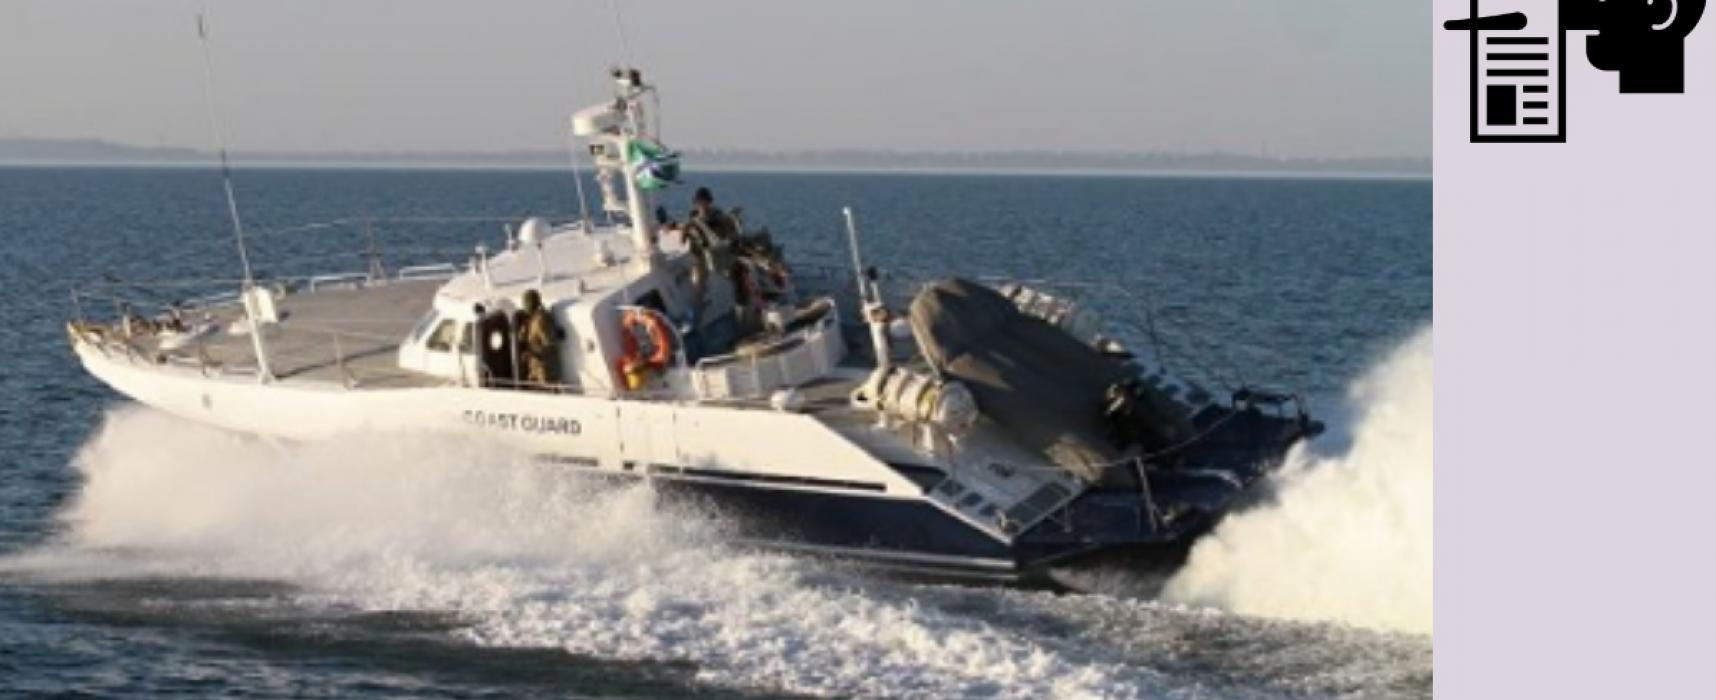 Фейк: ЕС «предостерег» Украину от милитаризации Азовского моря